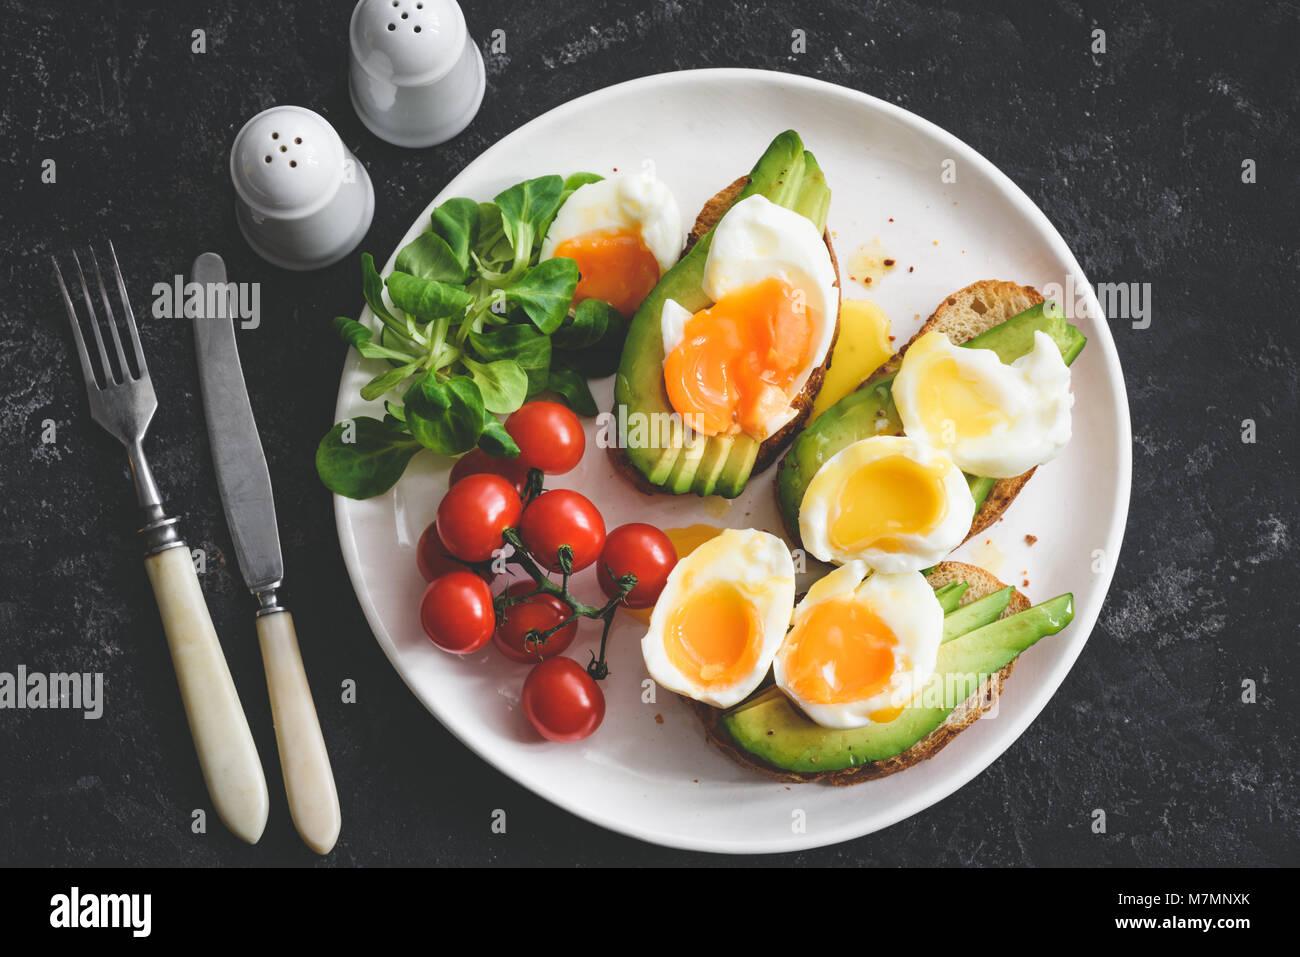 Uovo affogato e avocado toast sulla piastra bianca, vista dall'alto, tonica immagine. Una sana prima colazione Immagini Stock